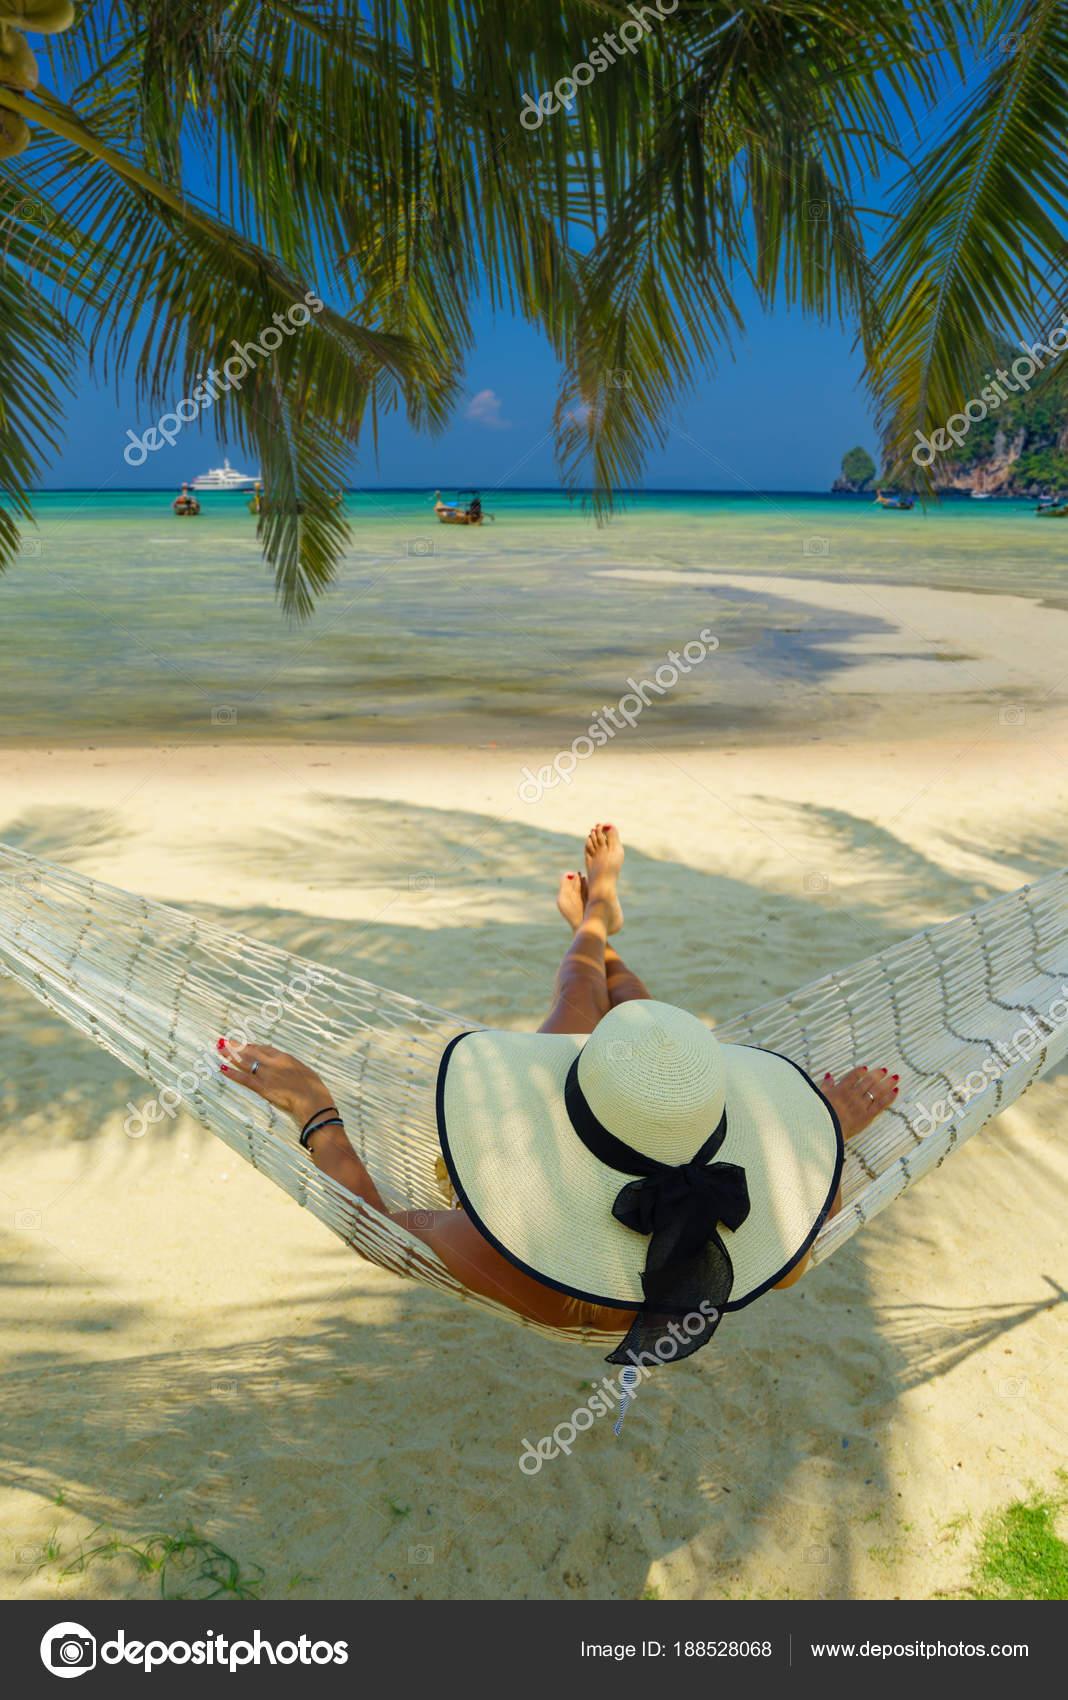 Фото с голубых пляжей